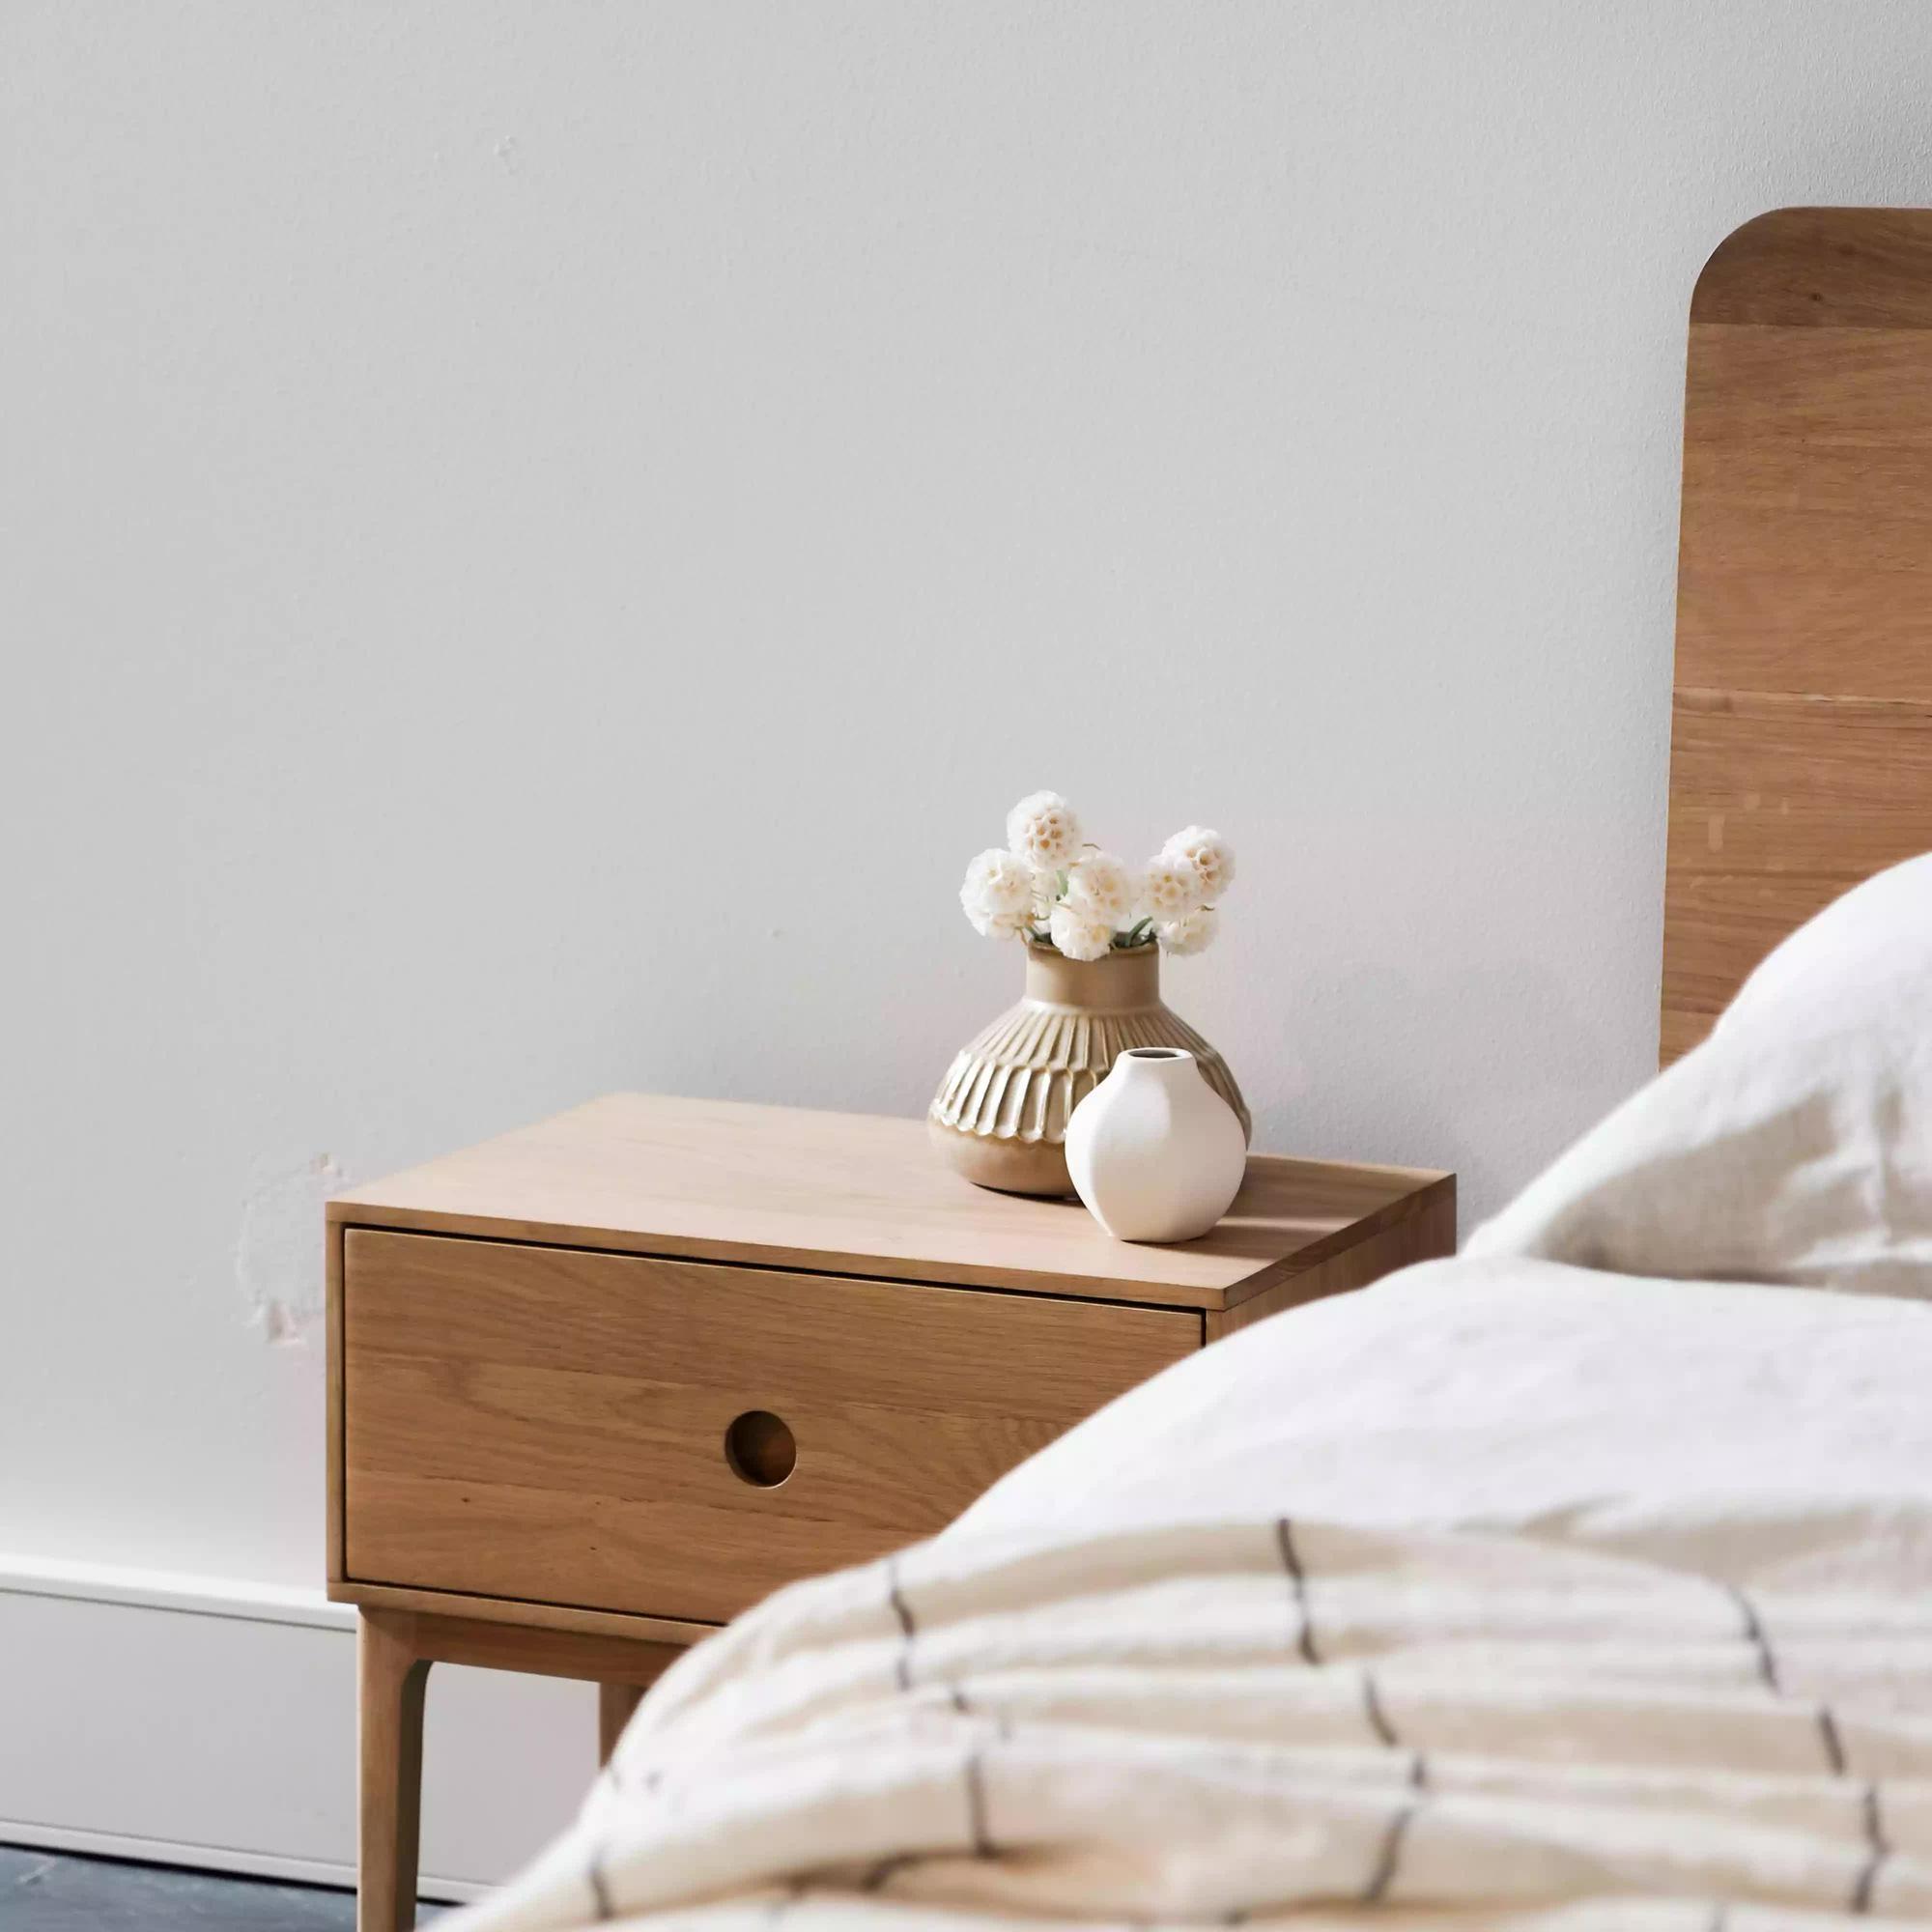 Cách chọn màu sắc phòng ngủ hợp phong thủy tốt nhất cho bạn - Ảnh 2.